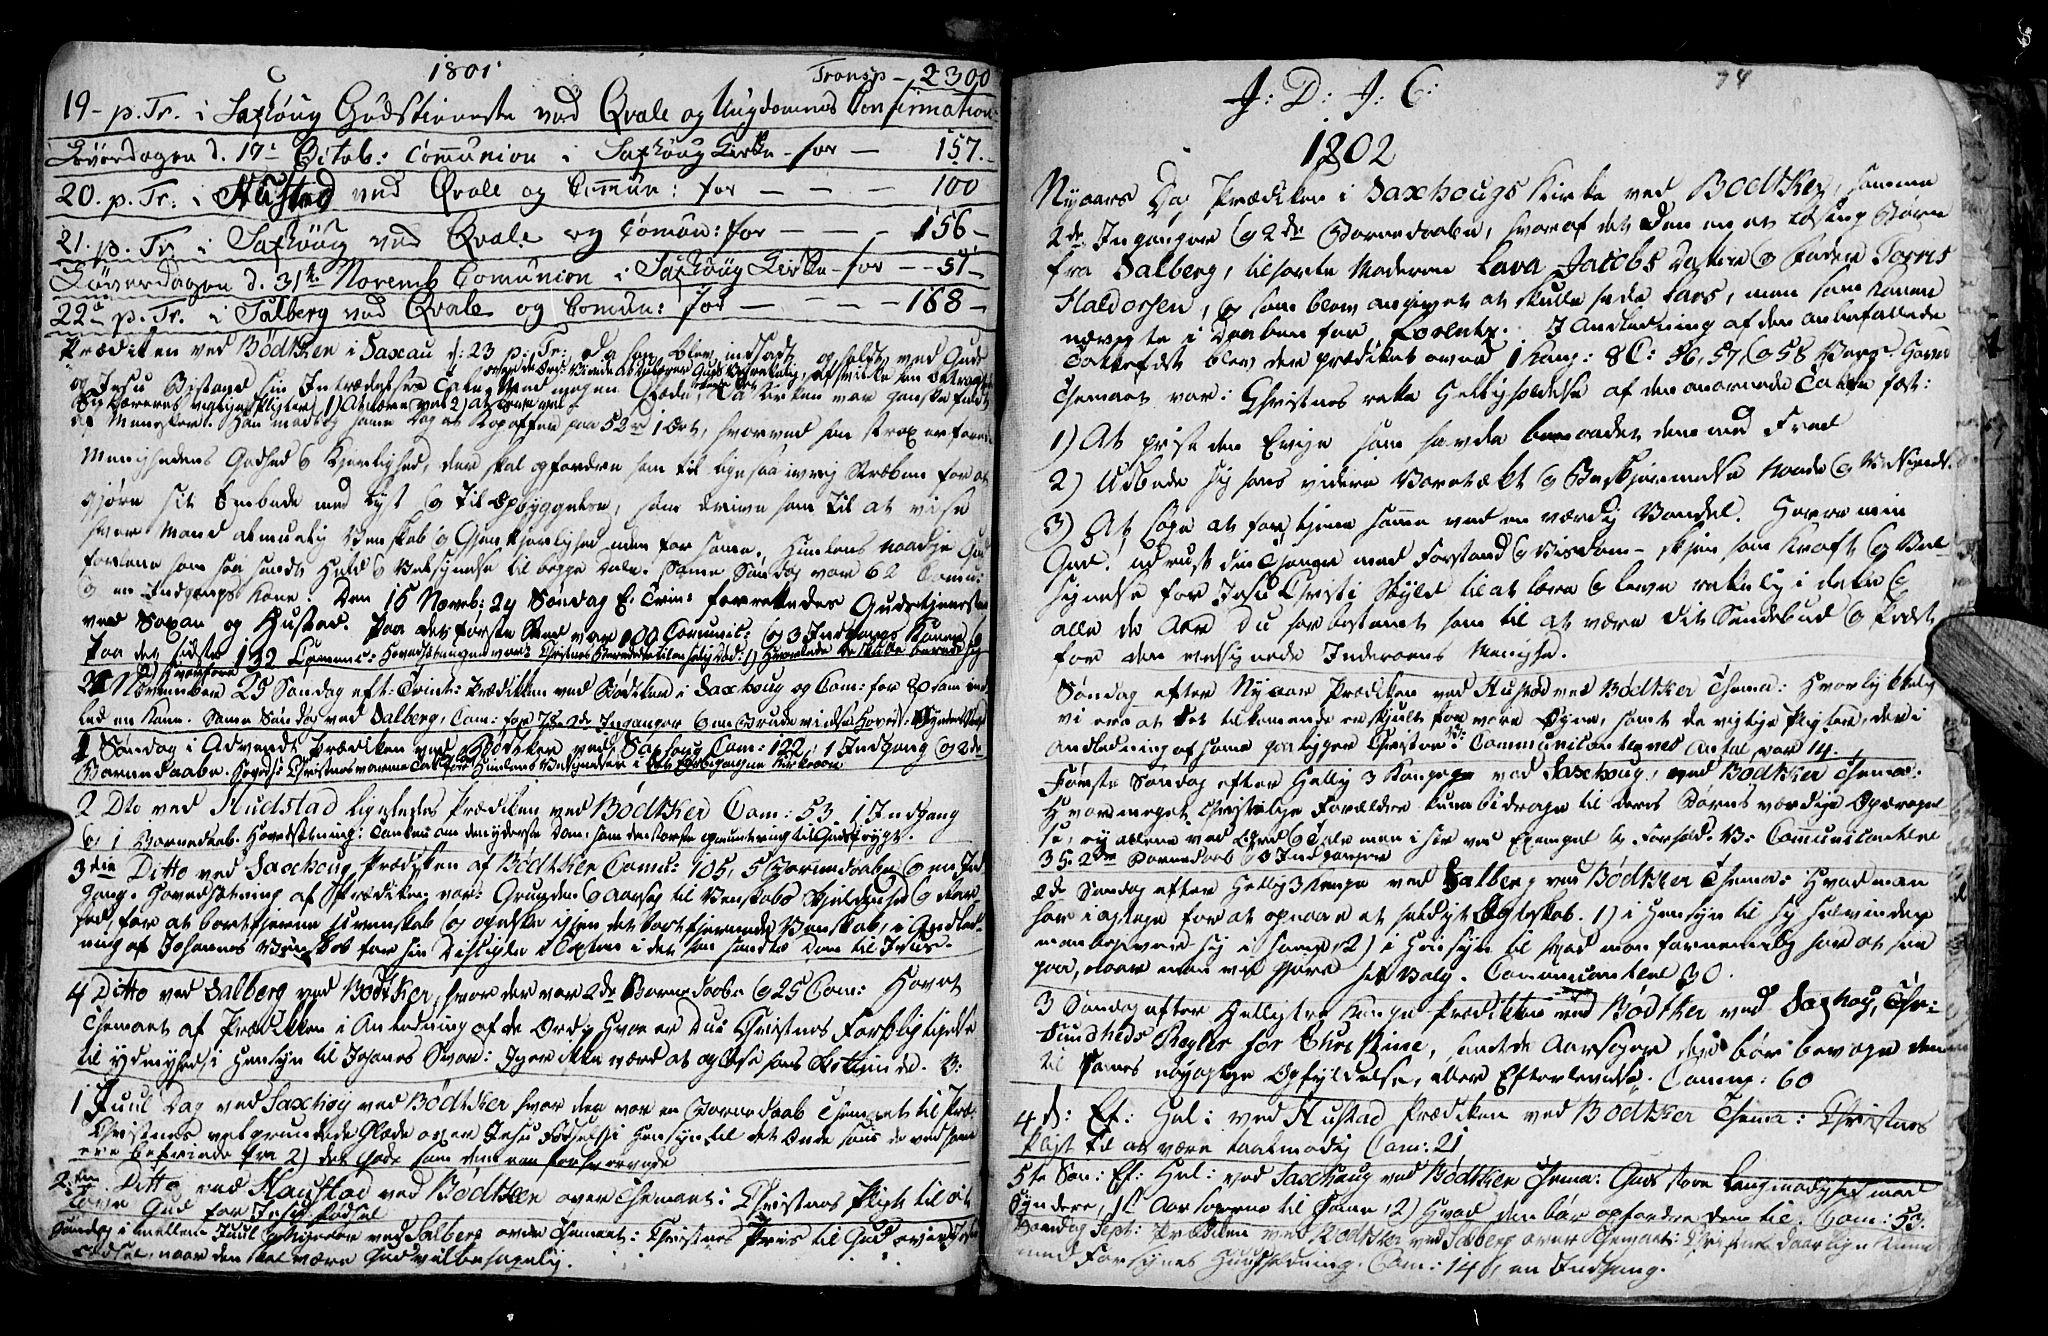 SAT, Ministerialprotokoller, klokkerbøker og fødselsregistre - Nord-Trøndelag, 730/L0273: Ministerialbok nr. 730A02, 1762-1802, s. 74